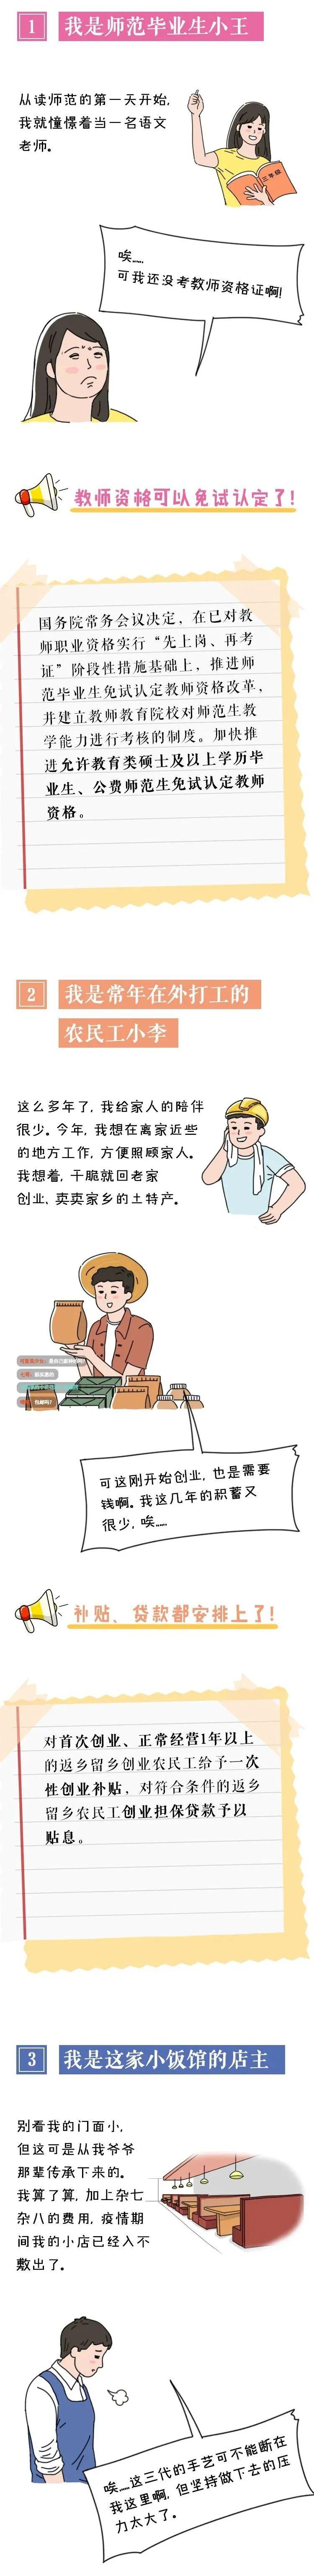 华美登录:道找工作不容易却没想到华美登录图片